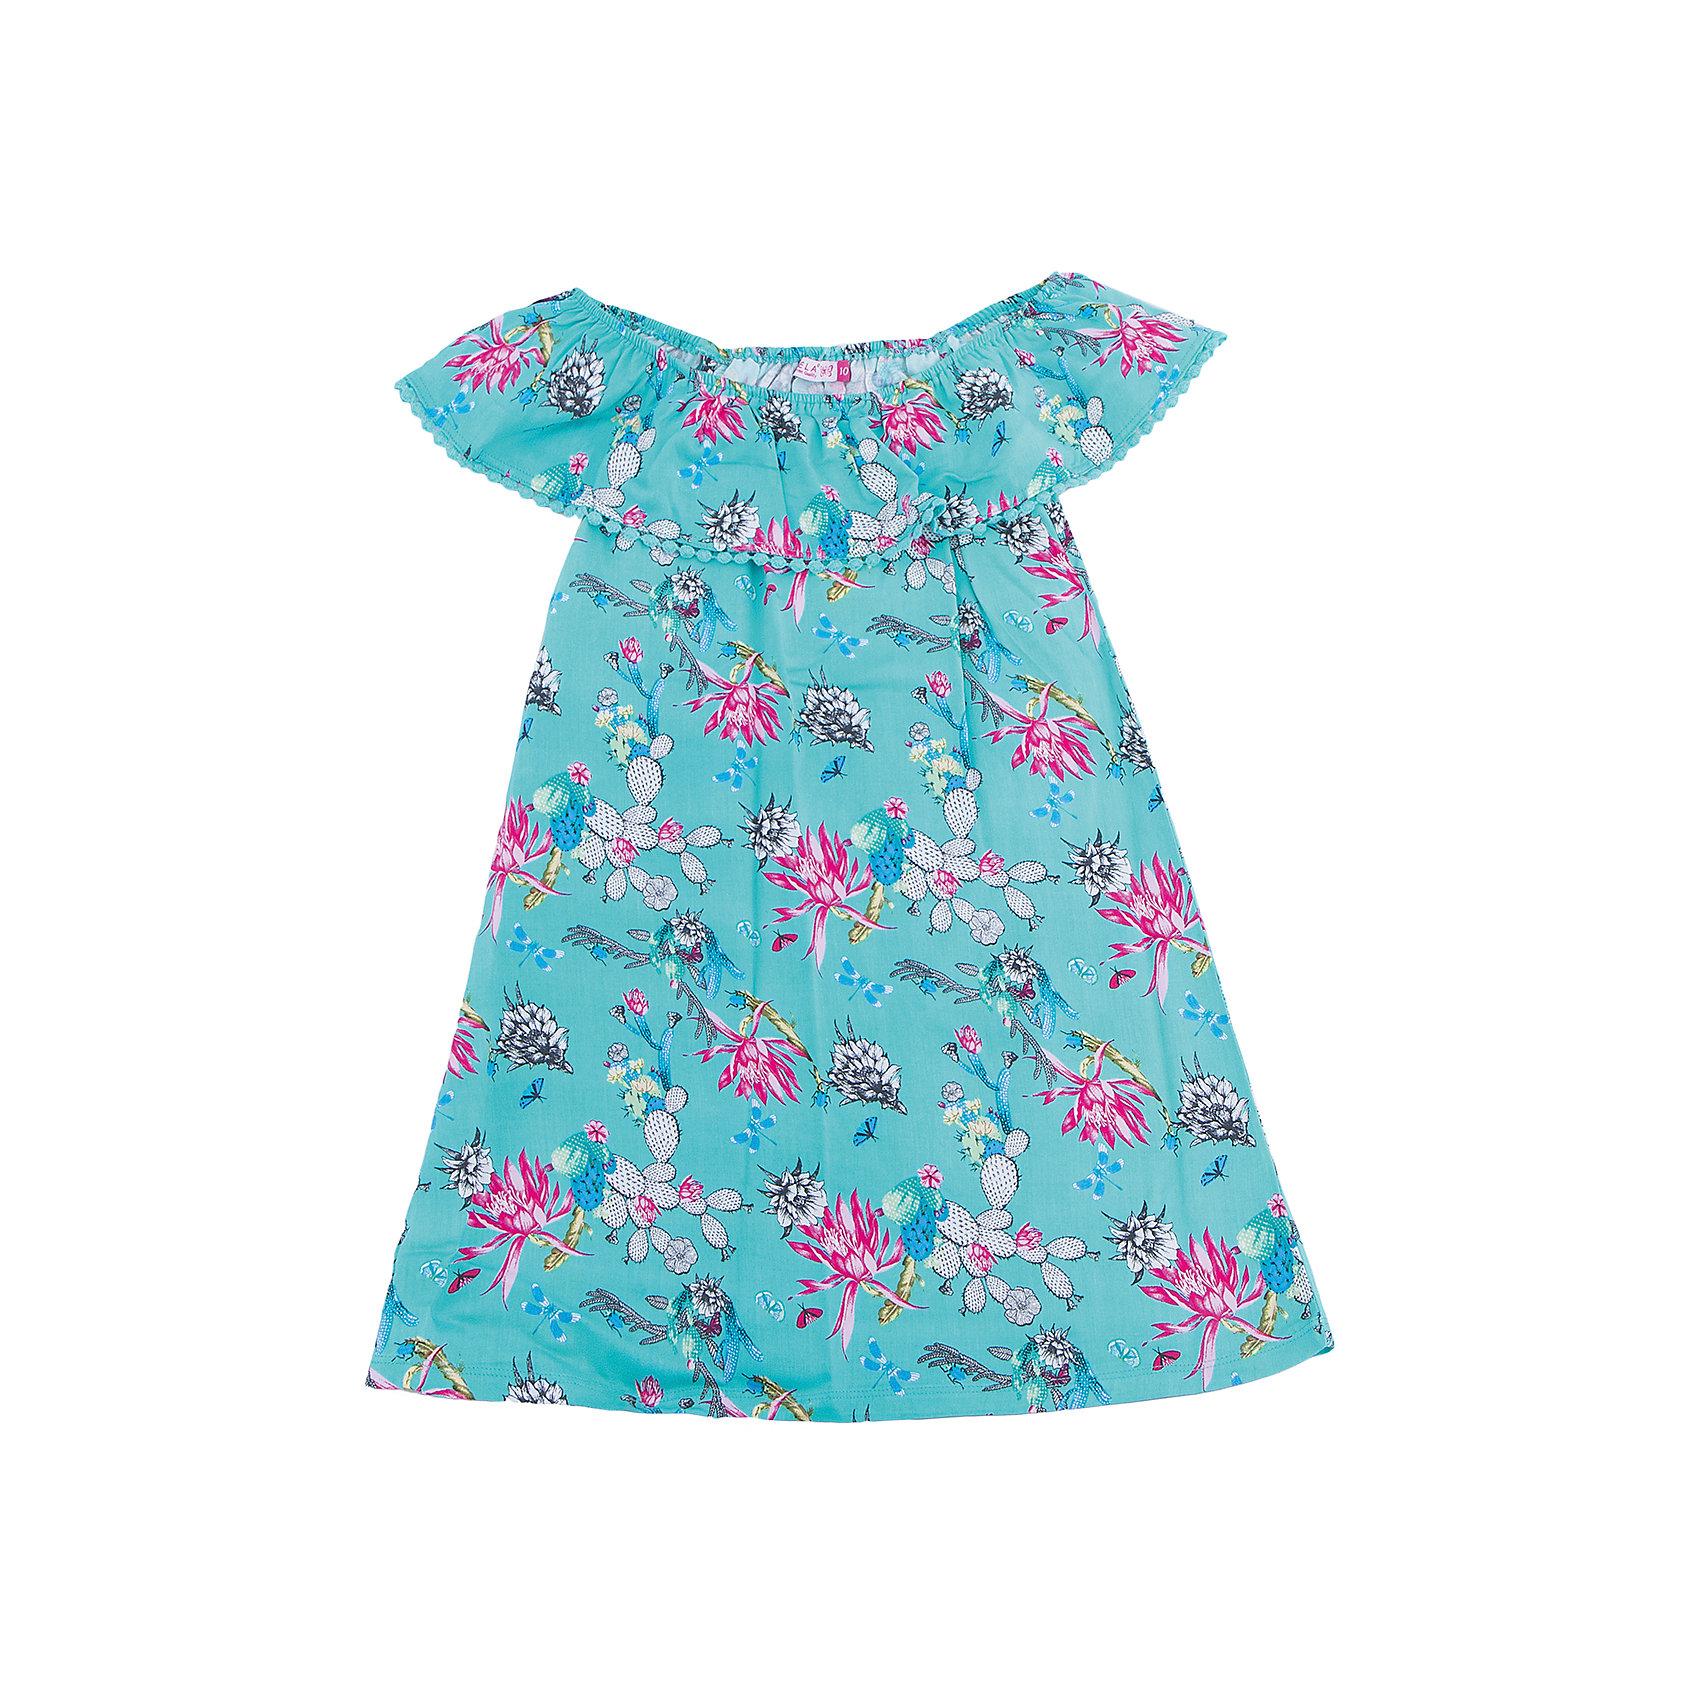 Платье для девочки SELAПлатья и сарафаны<br>Характеристики товара:<br><br>• цвет: бирюзовый<br>• состав: 100% вискоза<br>• без рукавов<br>• сезон: лето<br>• принт<br>• длина выше колена<br>• корткие рукава<br>• страна бренда: Россия<br><br>Платье для девочки поможет разнообразить гардероб ребенка и обеспечить комфорт.  Оно отлично сочетается с босоножками, сандалями или туфельками. Стильная и удобная вещь!<br><br>Одежда, обувь и аксессуары от российского бренда SELA не зря пользуются большой популярностью у детей и взрослых!<br><br>Платье для девочки от популярного бренда SELA (СЕЛА) можно купить в нашем интернет-магазине.<br><br>Ширина мм: 236<br>Глубина мм: 16<br>Высота мм: 184<br>Вес г: 177<br>Цвет: разноцветный<br>Возраст от месяцев: 108<br>Возраст до месяцев: 120<br>Пол: Женский<br>Возраст: Детский<br>Размер: 140,134,146,152,122,128<br>SKU: 5305480